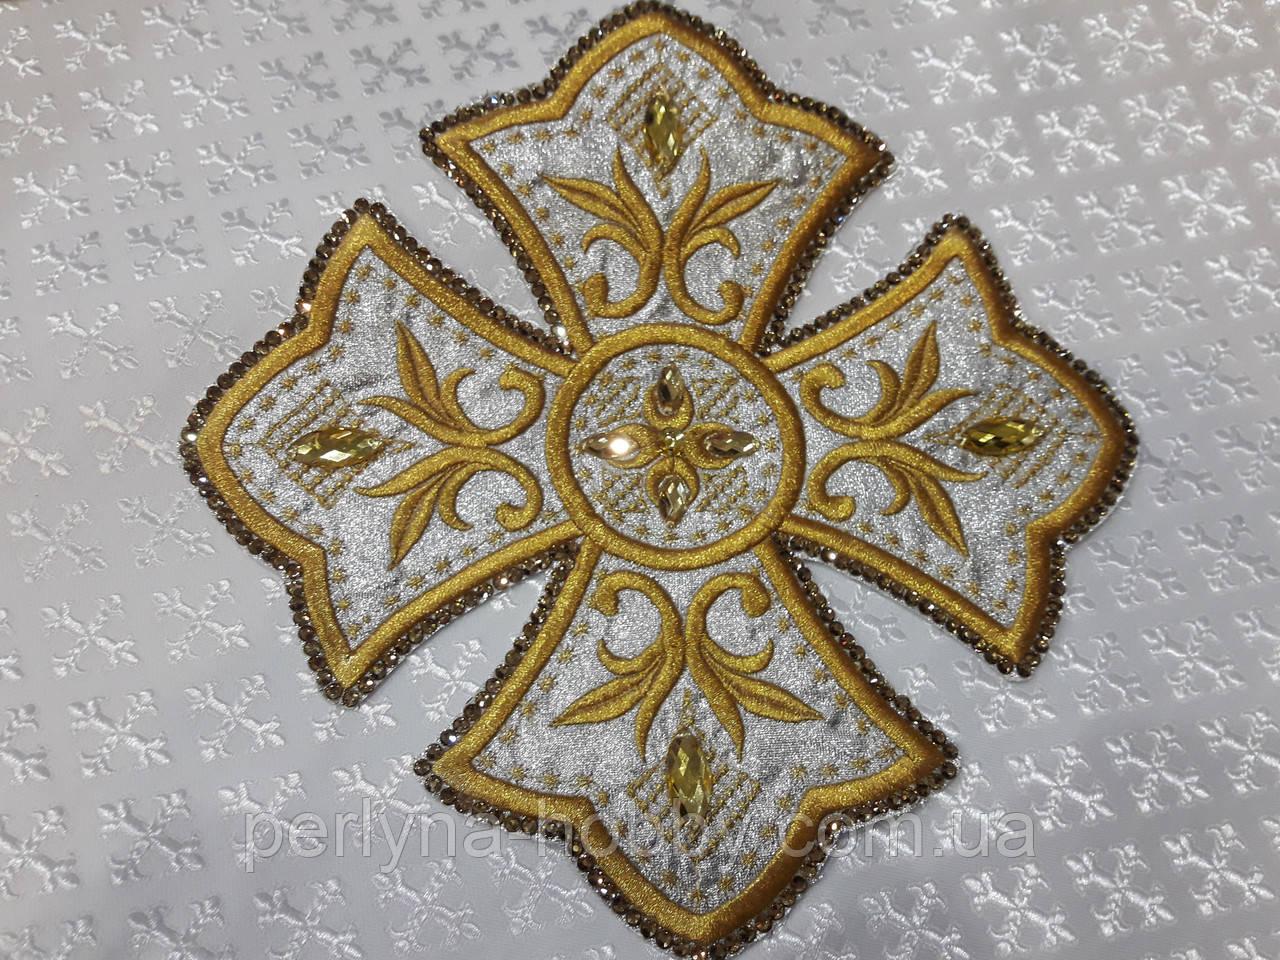 Хрест для церковного одягу великий 23 на 23 см золотисто-срібний з золотистими стразами